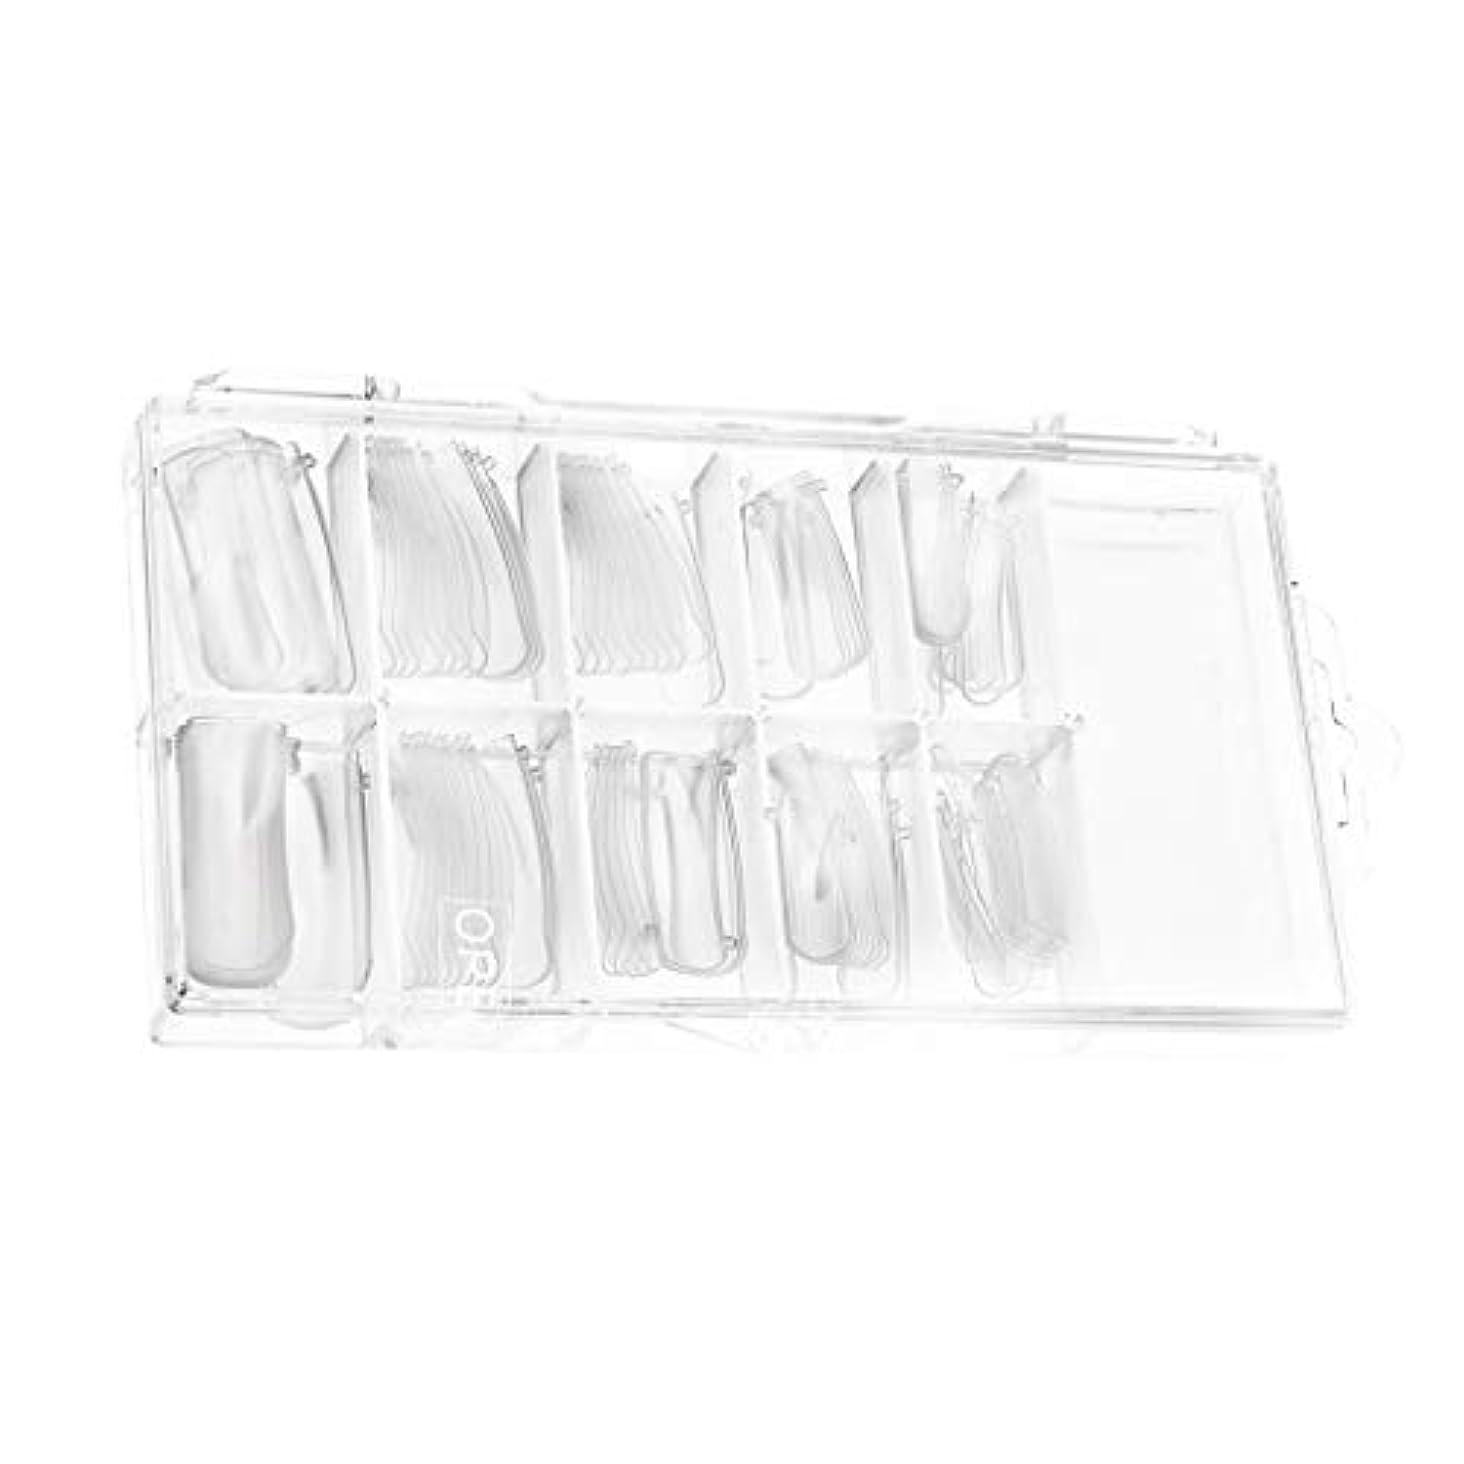 快適勢い代表してたくさん100棺ネイルクリアバレリーナネイルのヒントロングフルカバーアクリルネイル個人用または業務用(クリア)用10サイズ